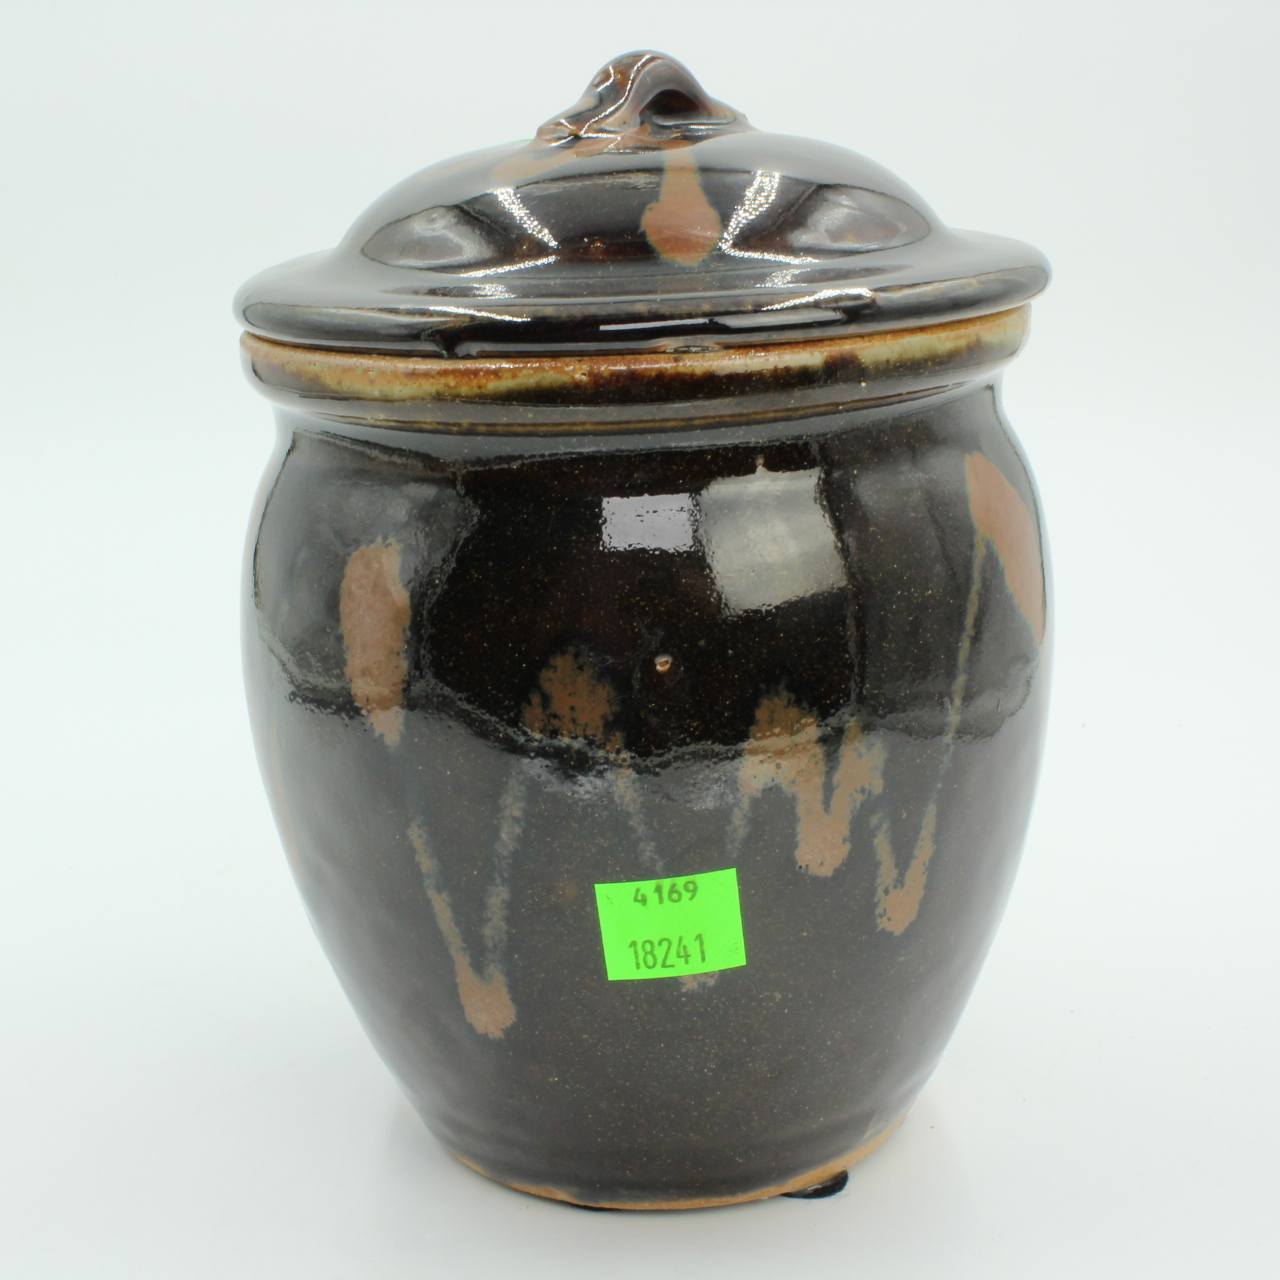 Vintage Japanese Jar, Art Pottery Tea Jar